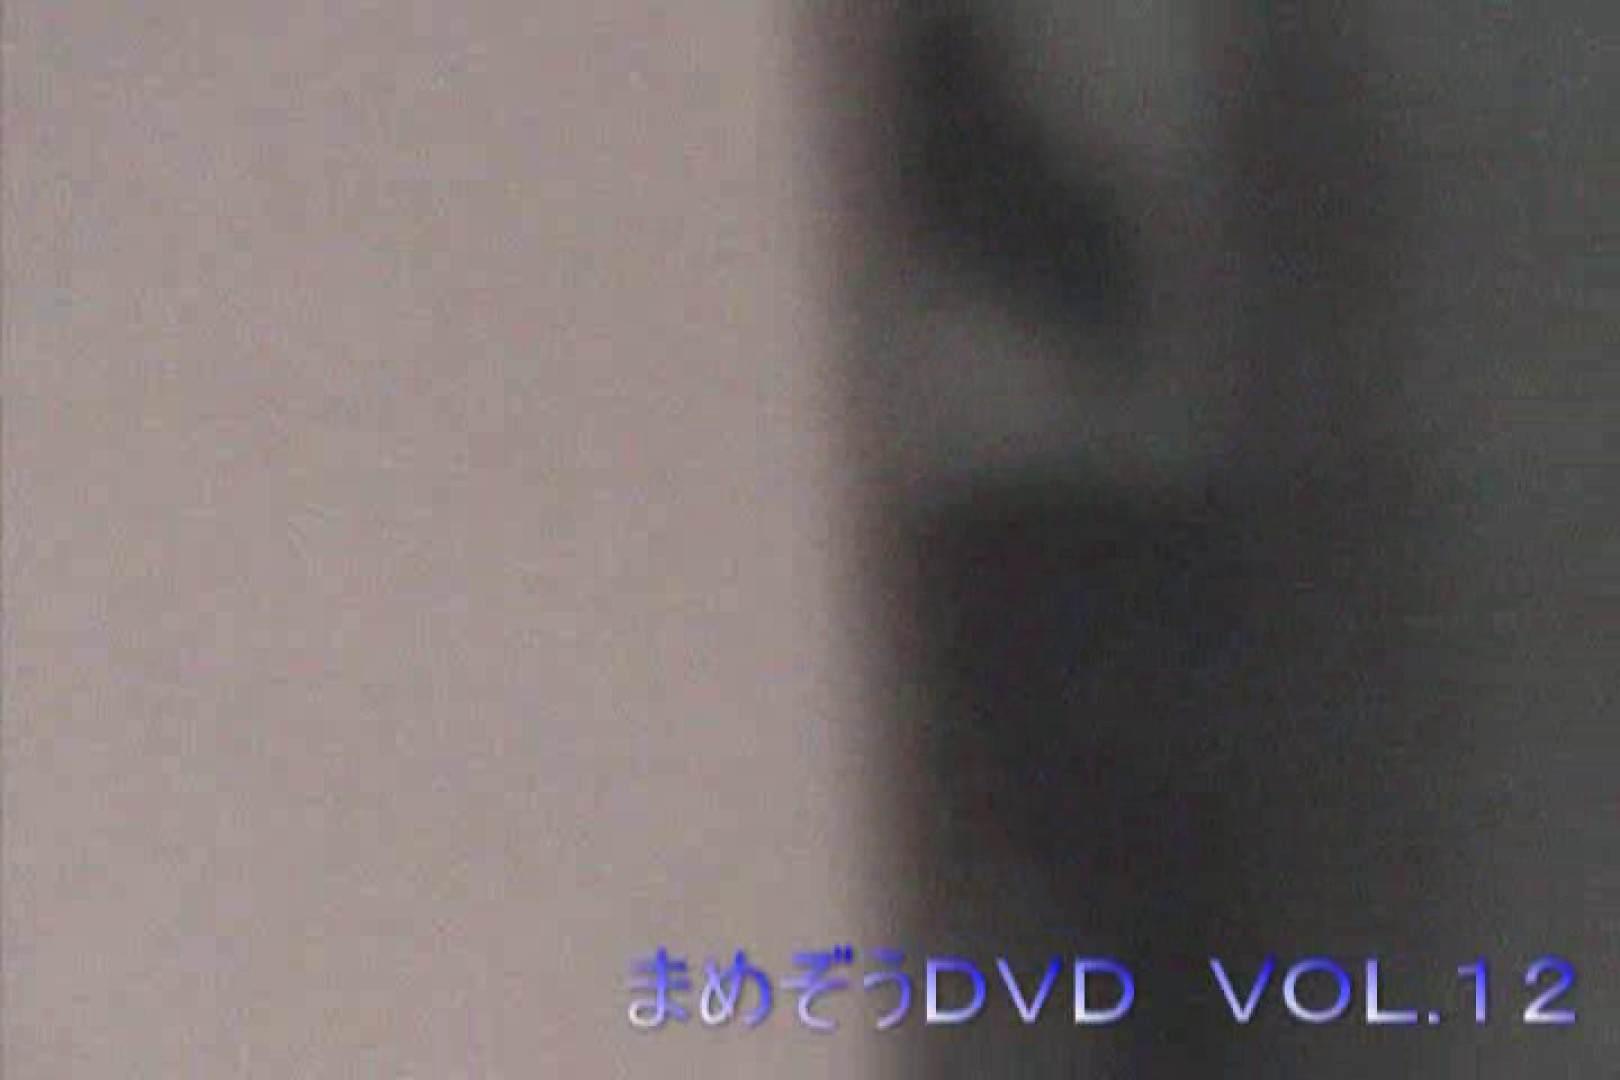 まめぞうDVD完全版VOL.12 OL   ギャル・コレクション  63連発 32